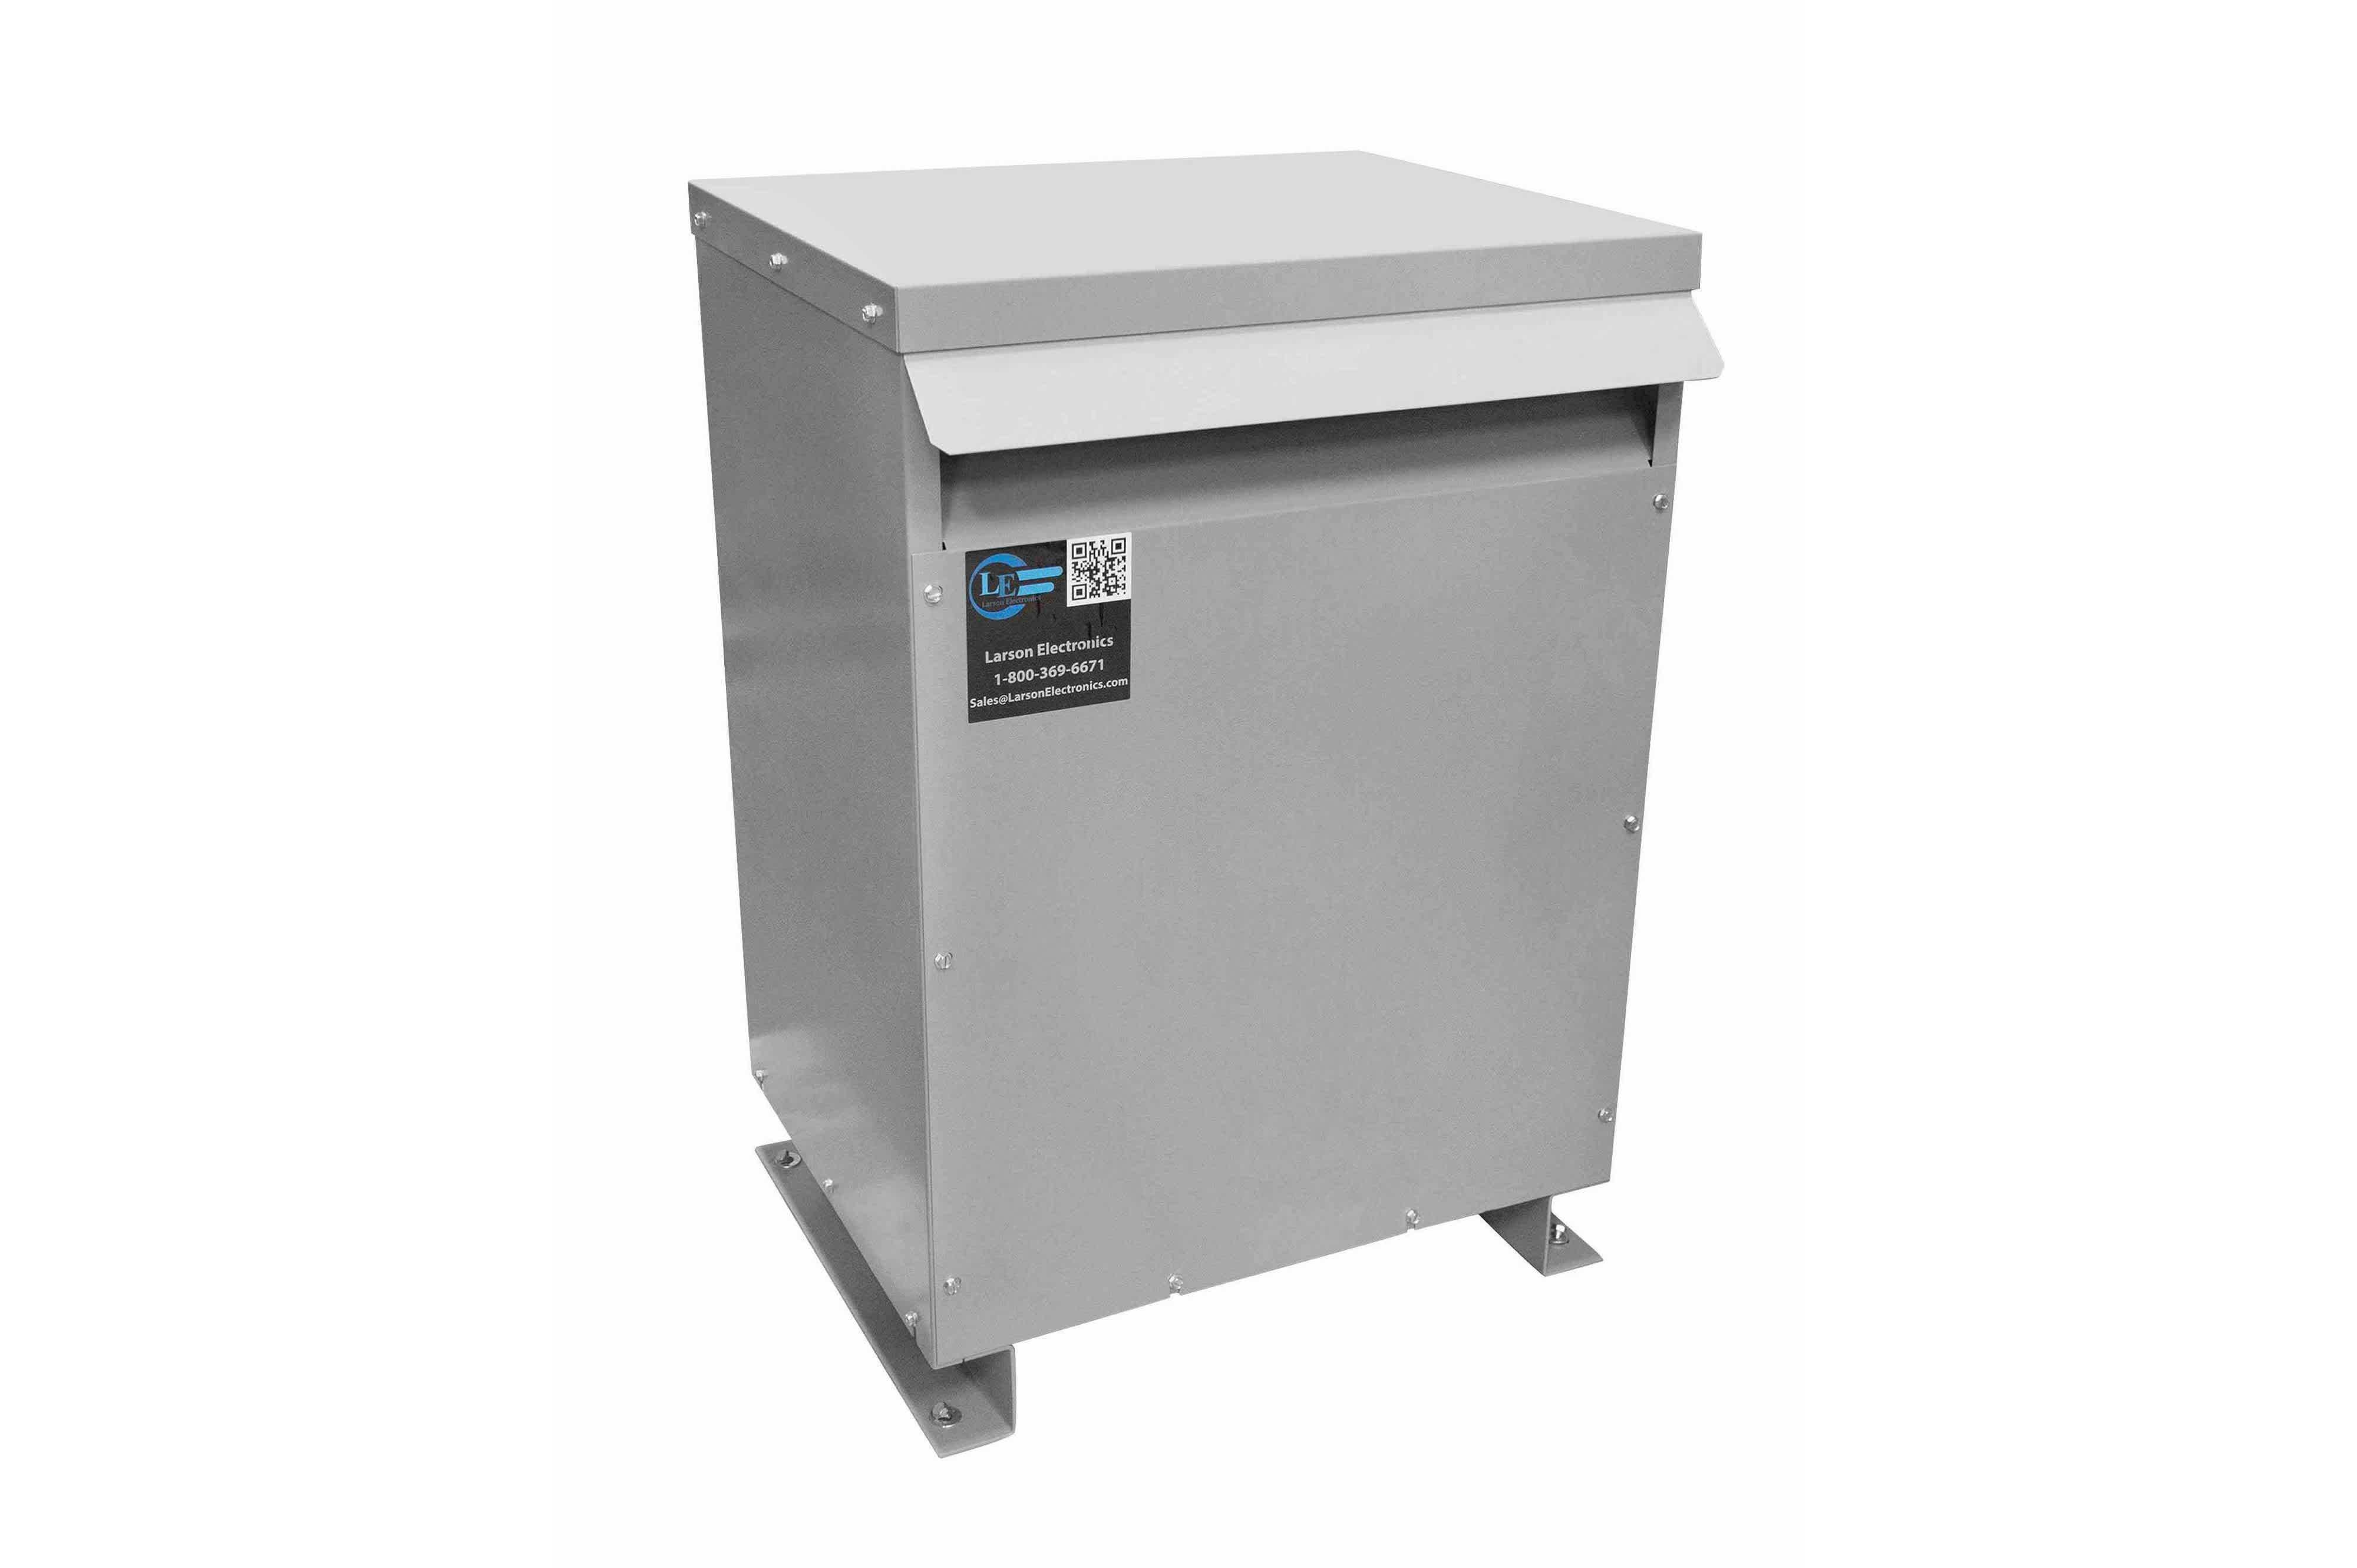 115 kVA 3PH Isolation Transformer, 415V Delta Primary, 600V Delta Secondary, N3R, Ventilated, 60 Hz